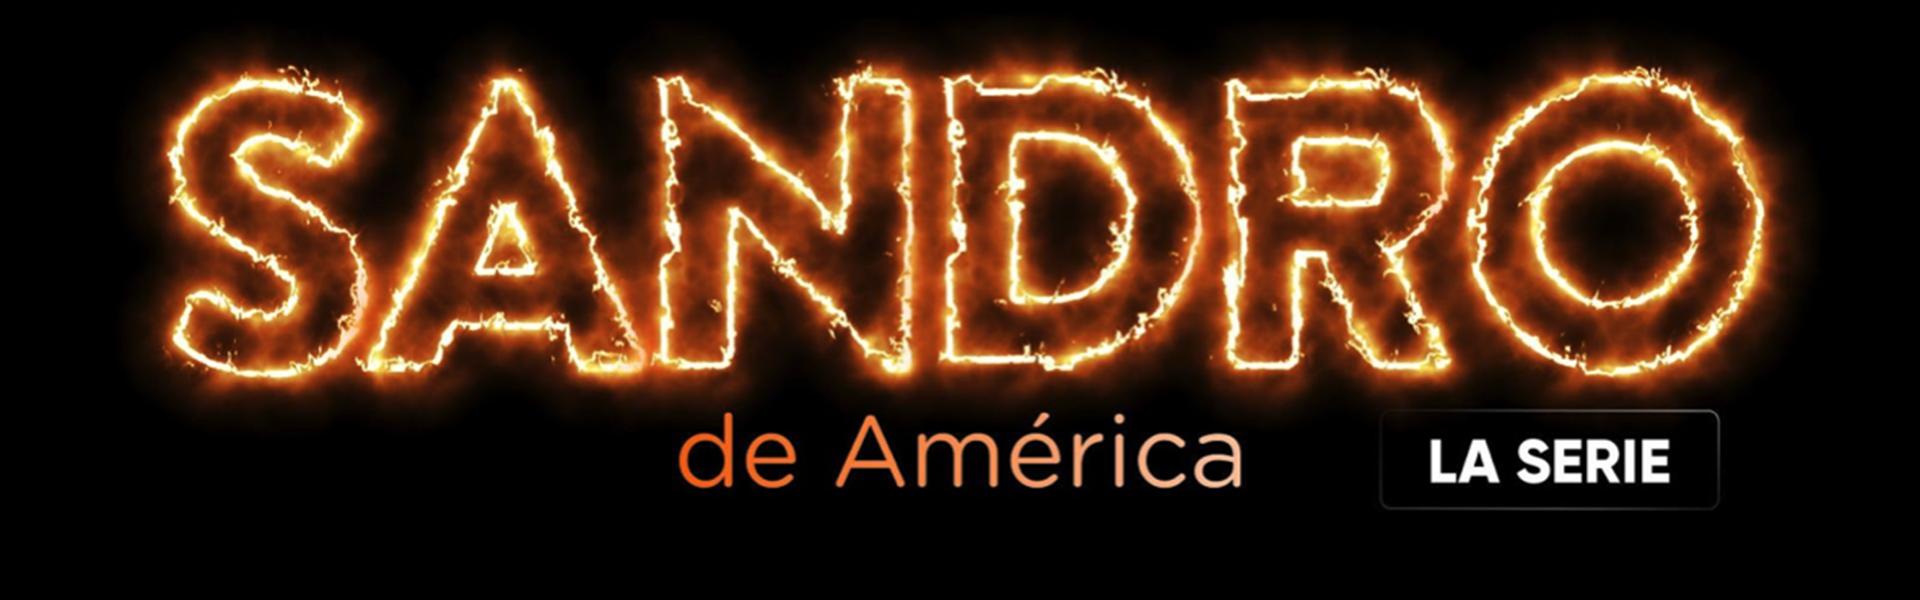 Sandro De América -  Serie Completa En Español Latino [352p Web-Dl] | Online & Descarga